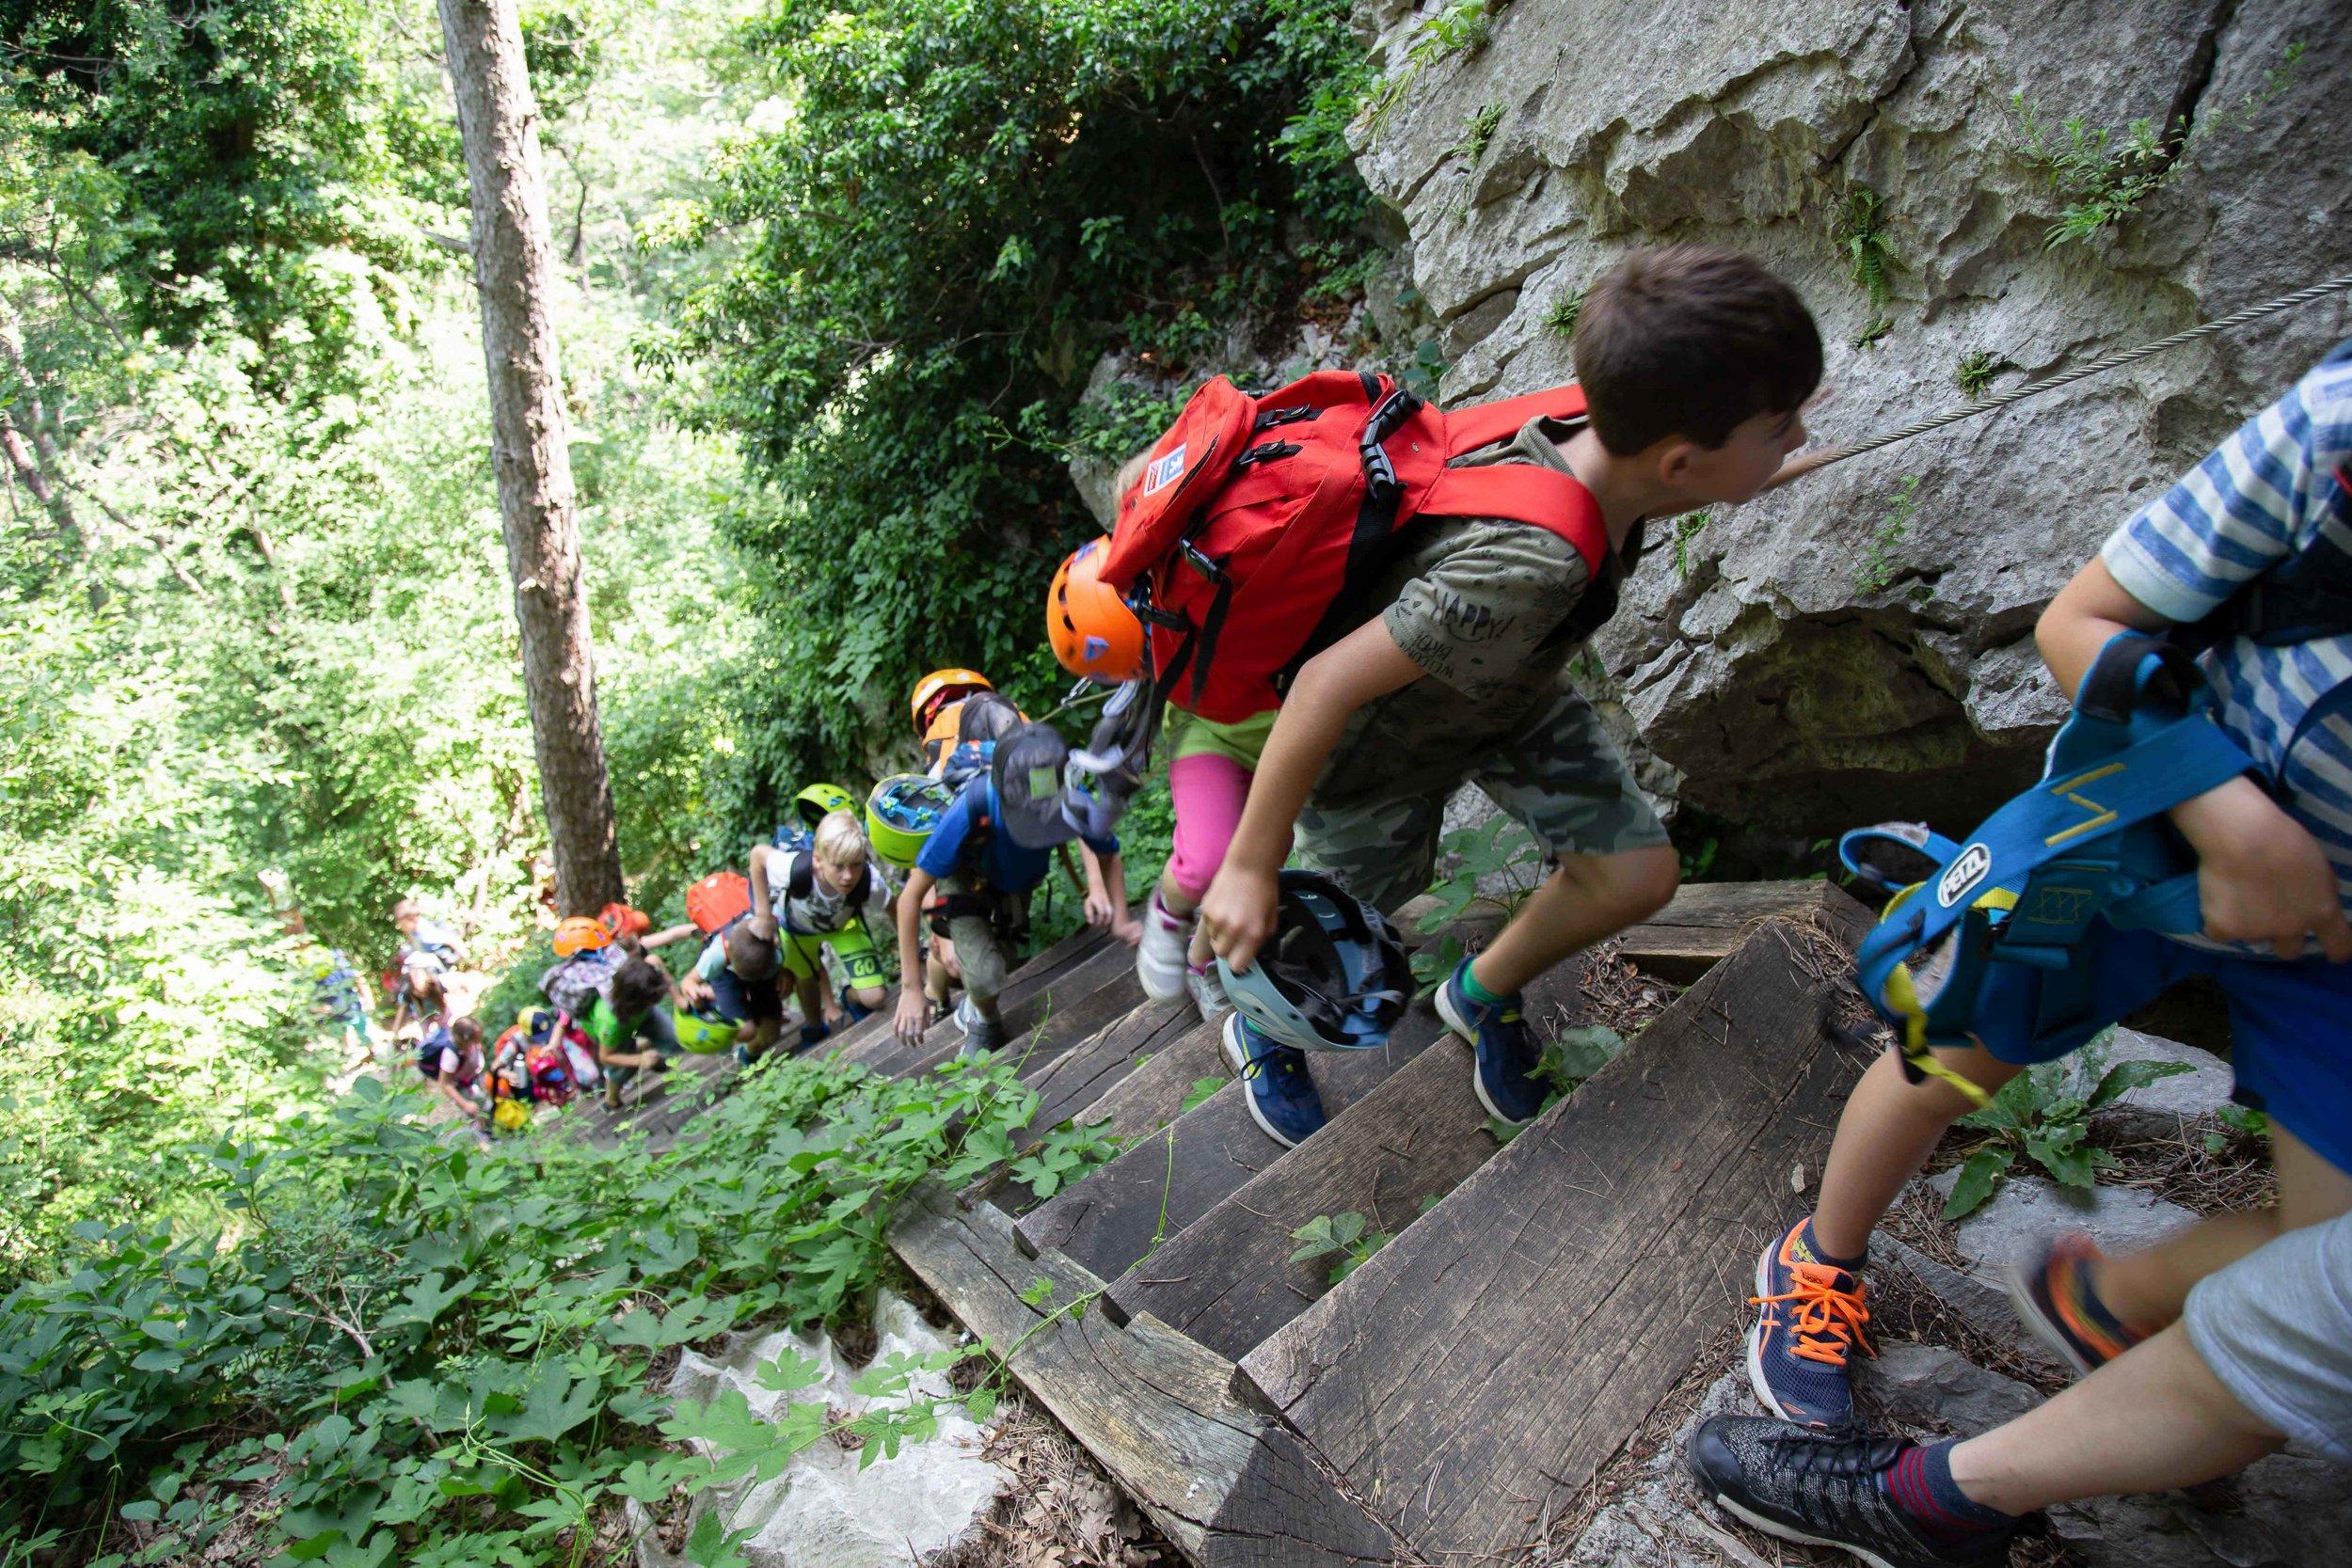 Zaključni plezalni izlet za otroke Grif_128.jpg